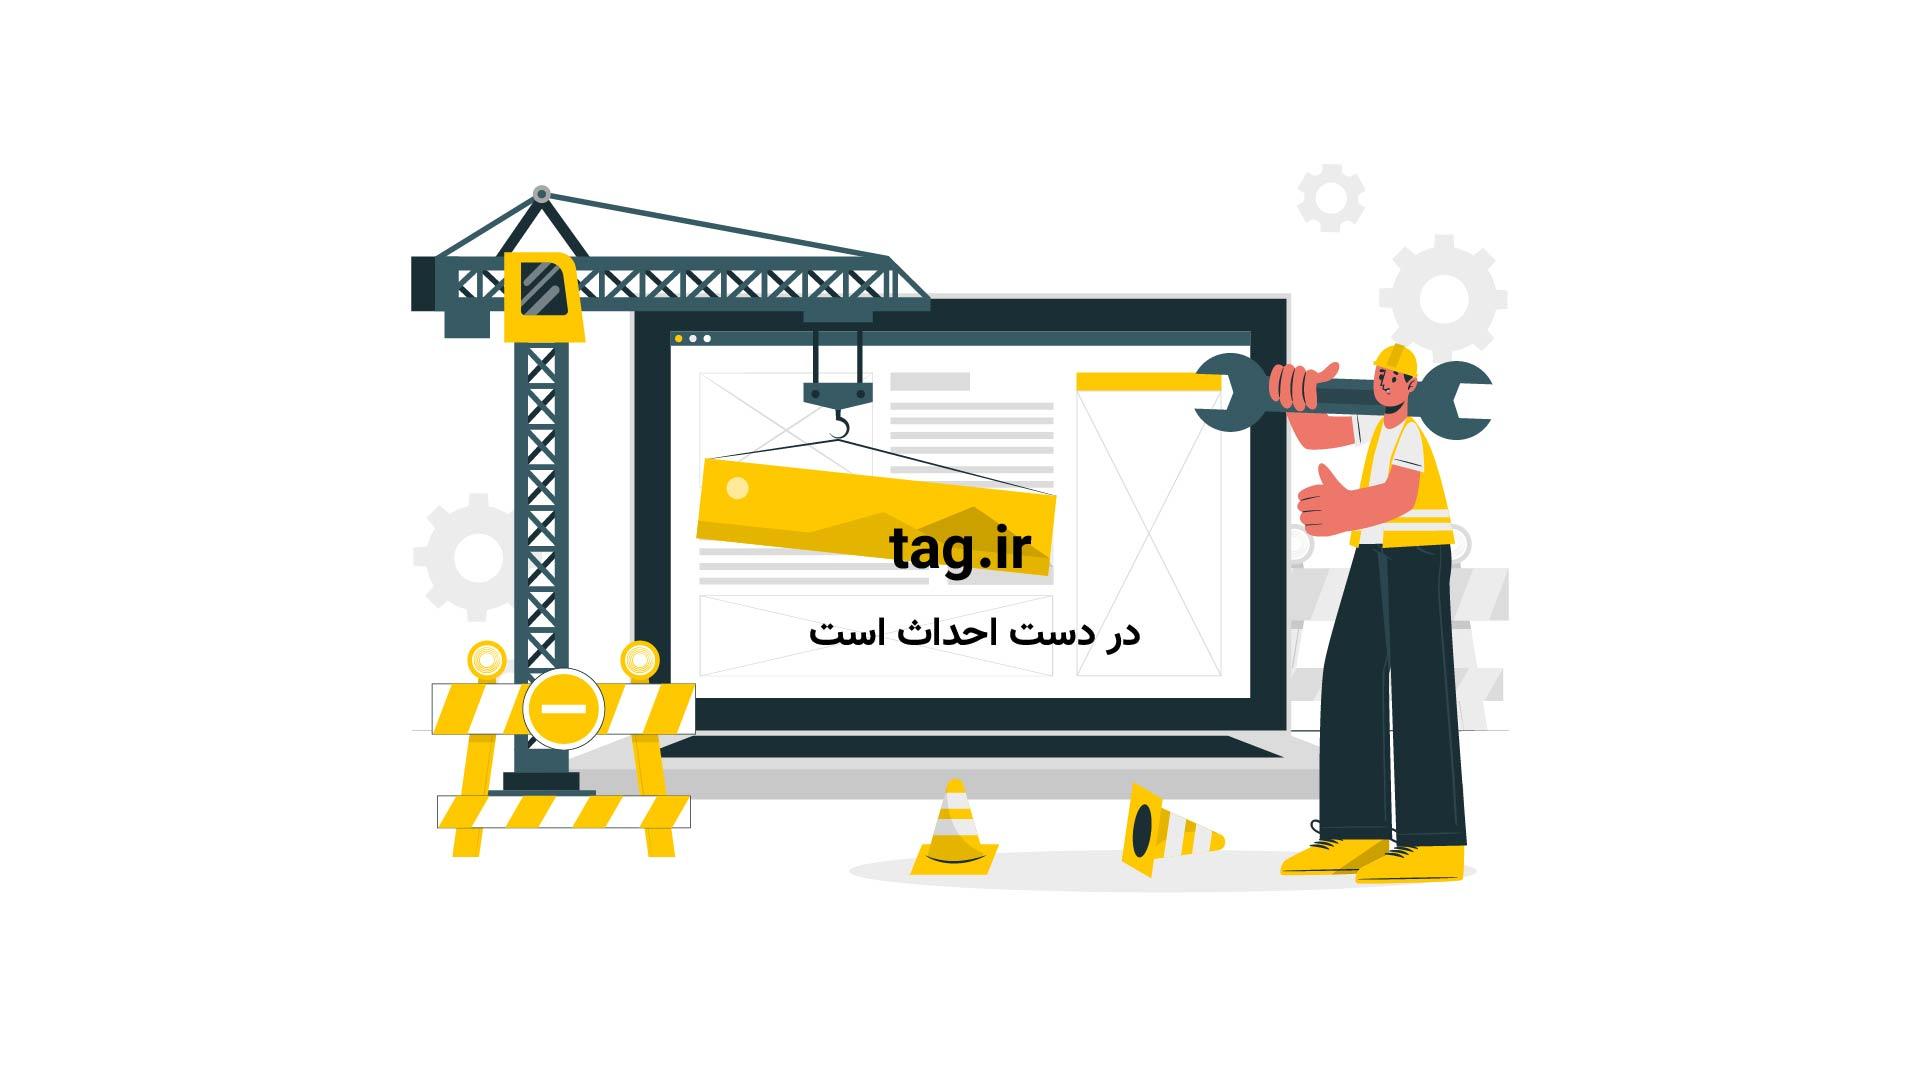 -علي-عبدالله-صالح | تگ